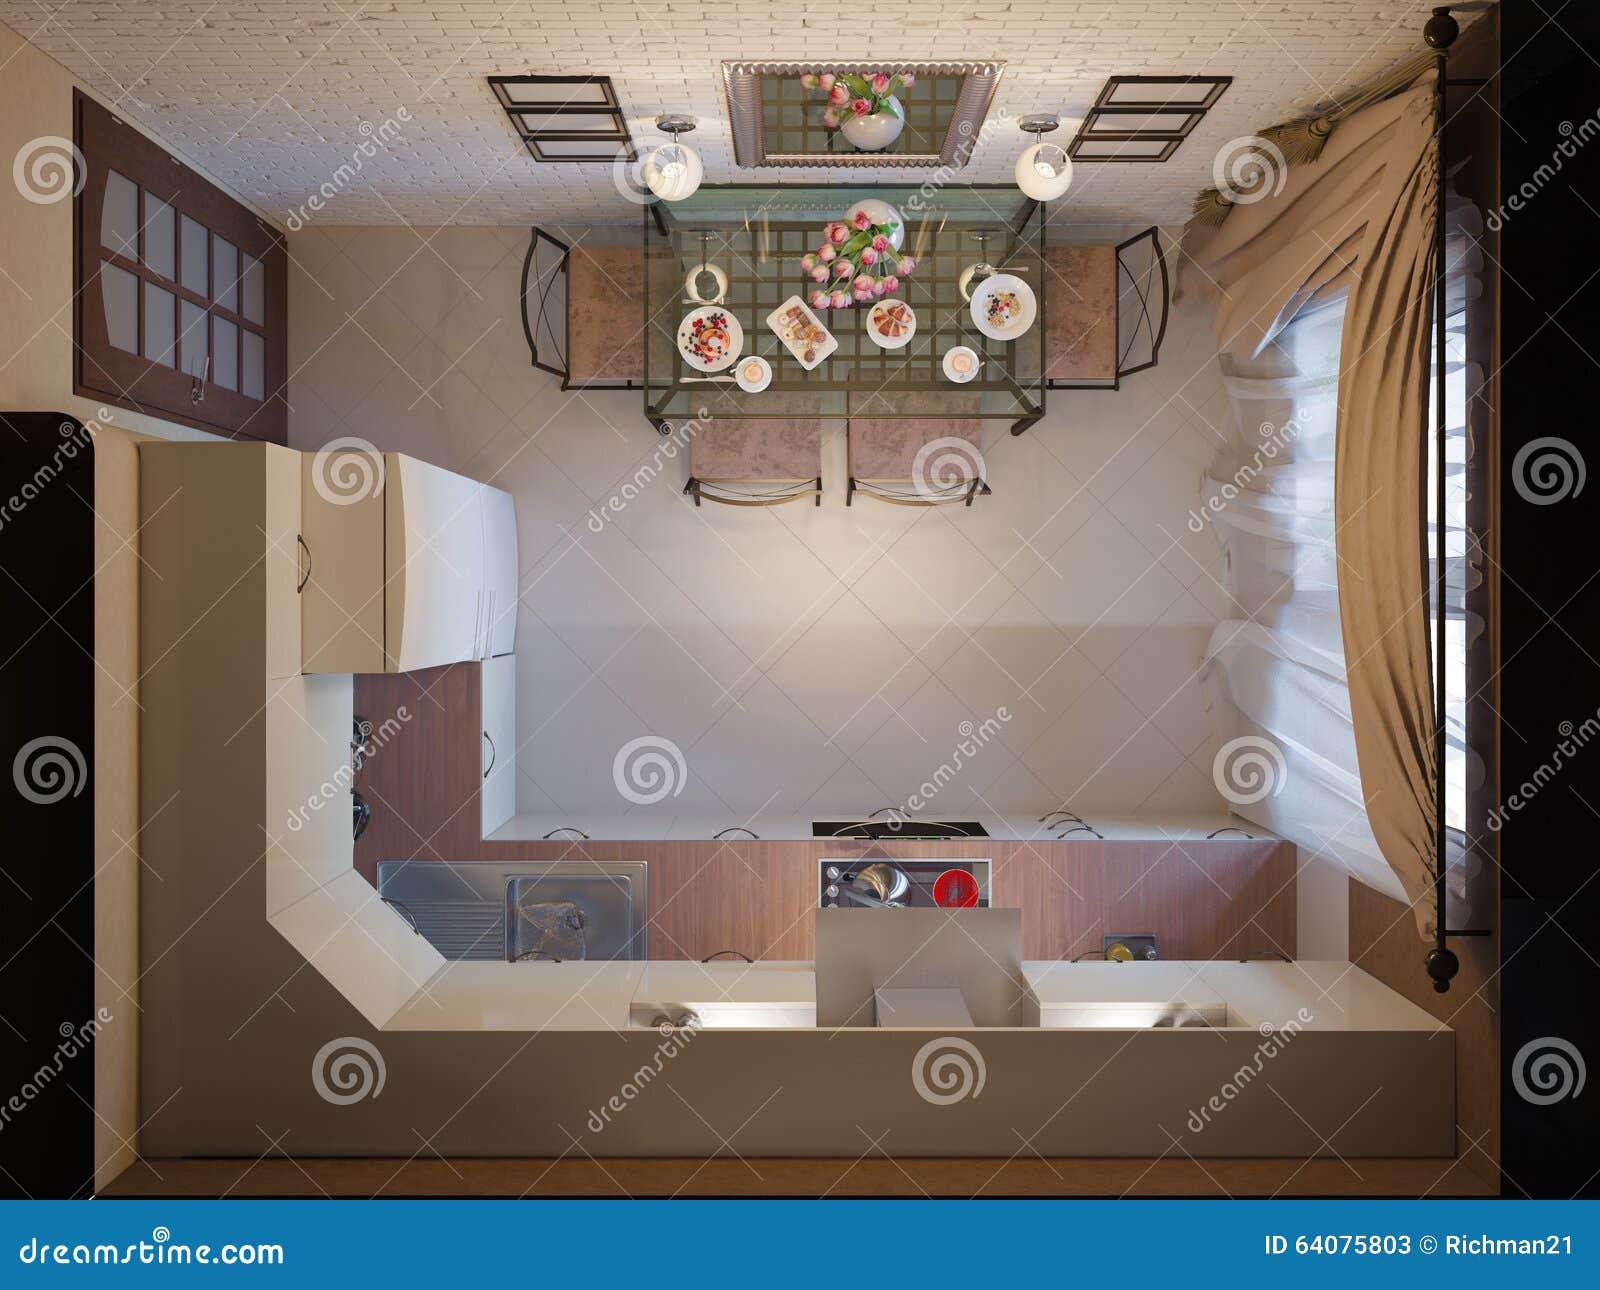 3d illustratie van keuken met beige voorgevels en meubilair van smeedstuk stock illustratie - Center meubilair keuken ...